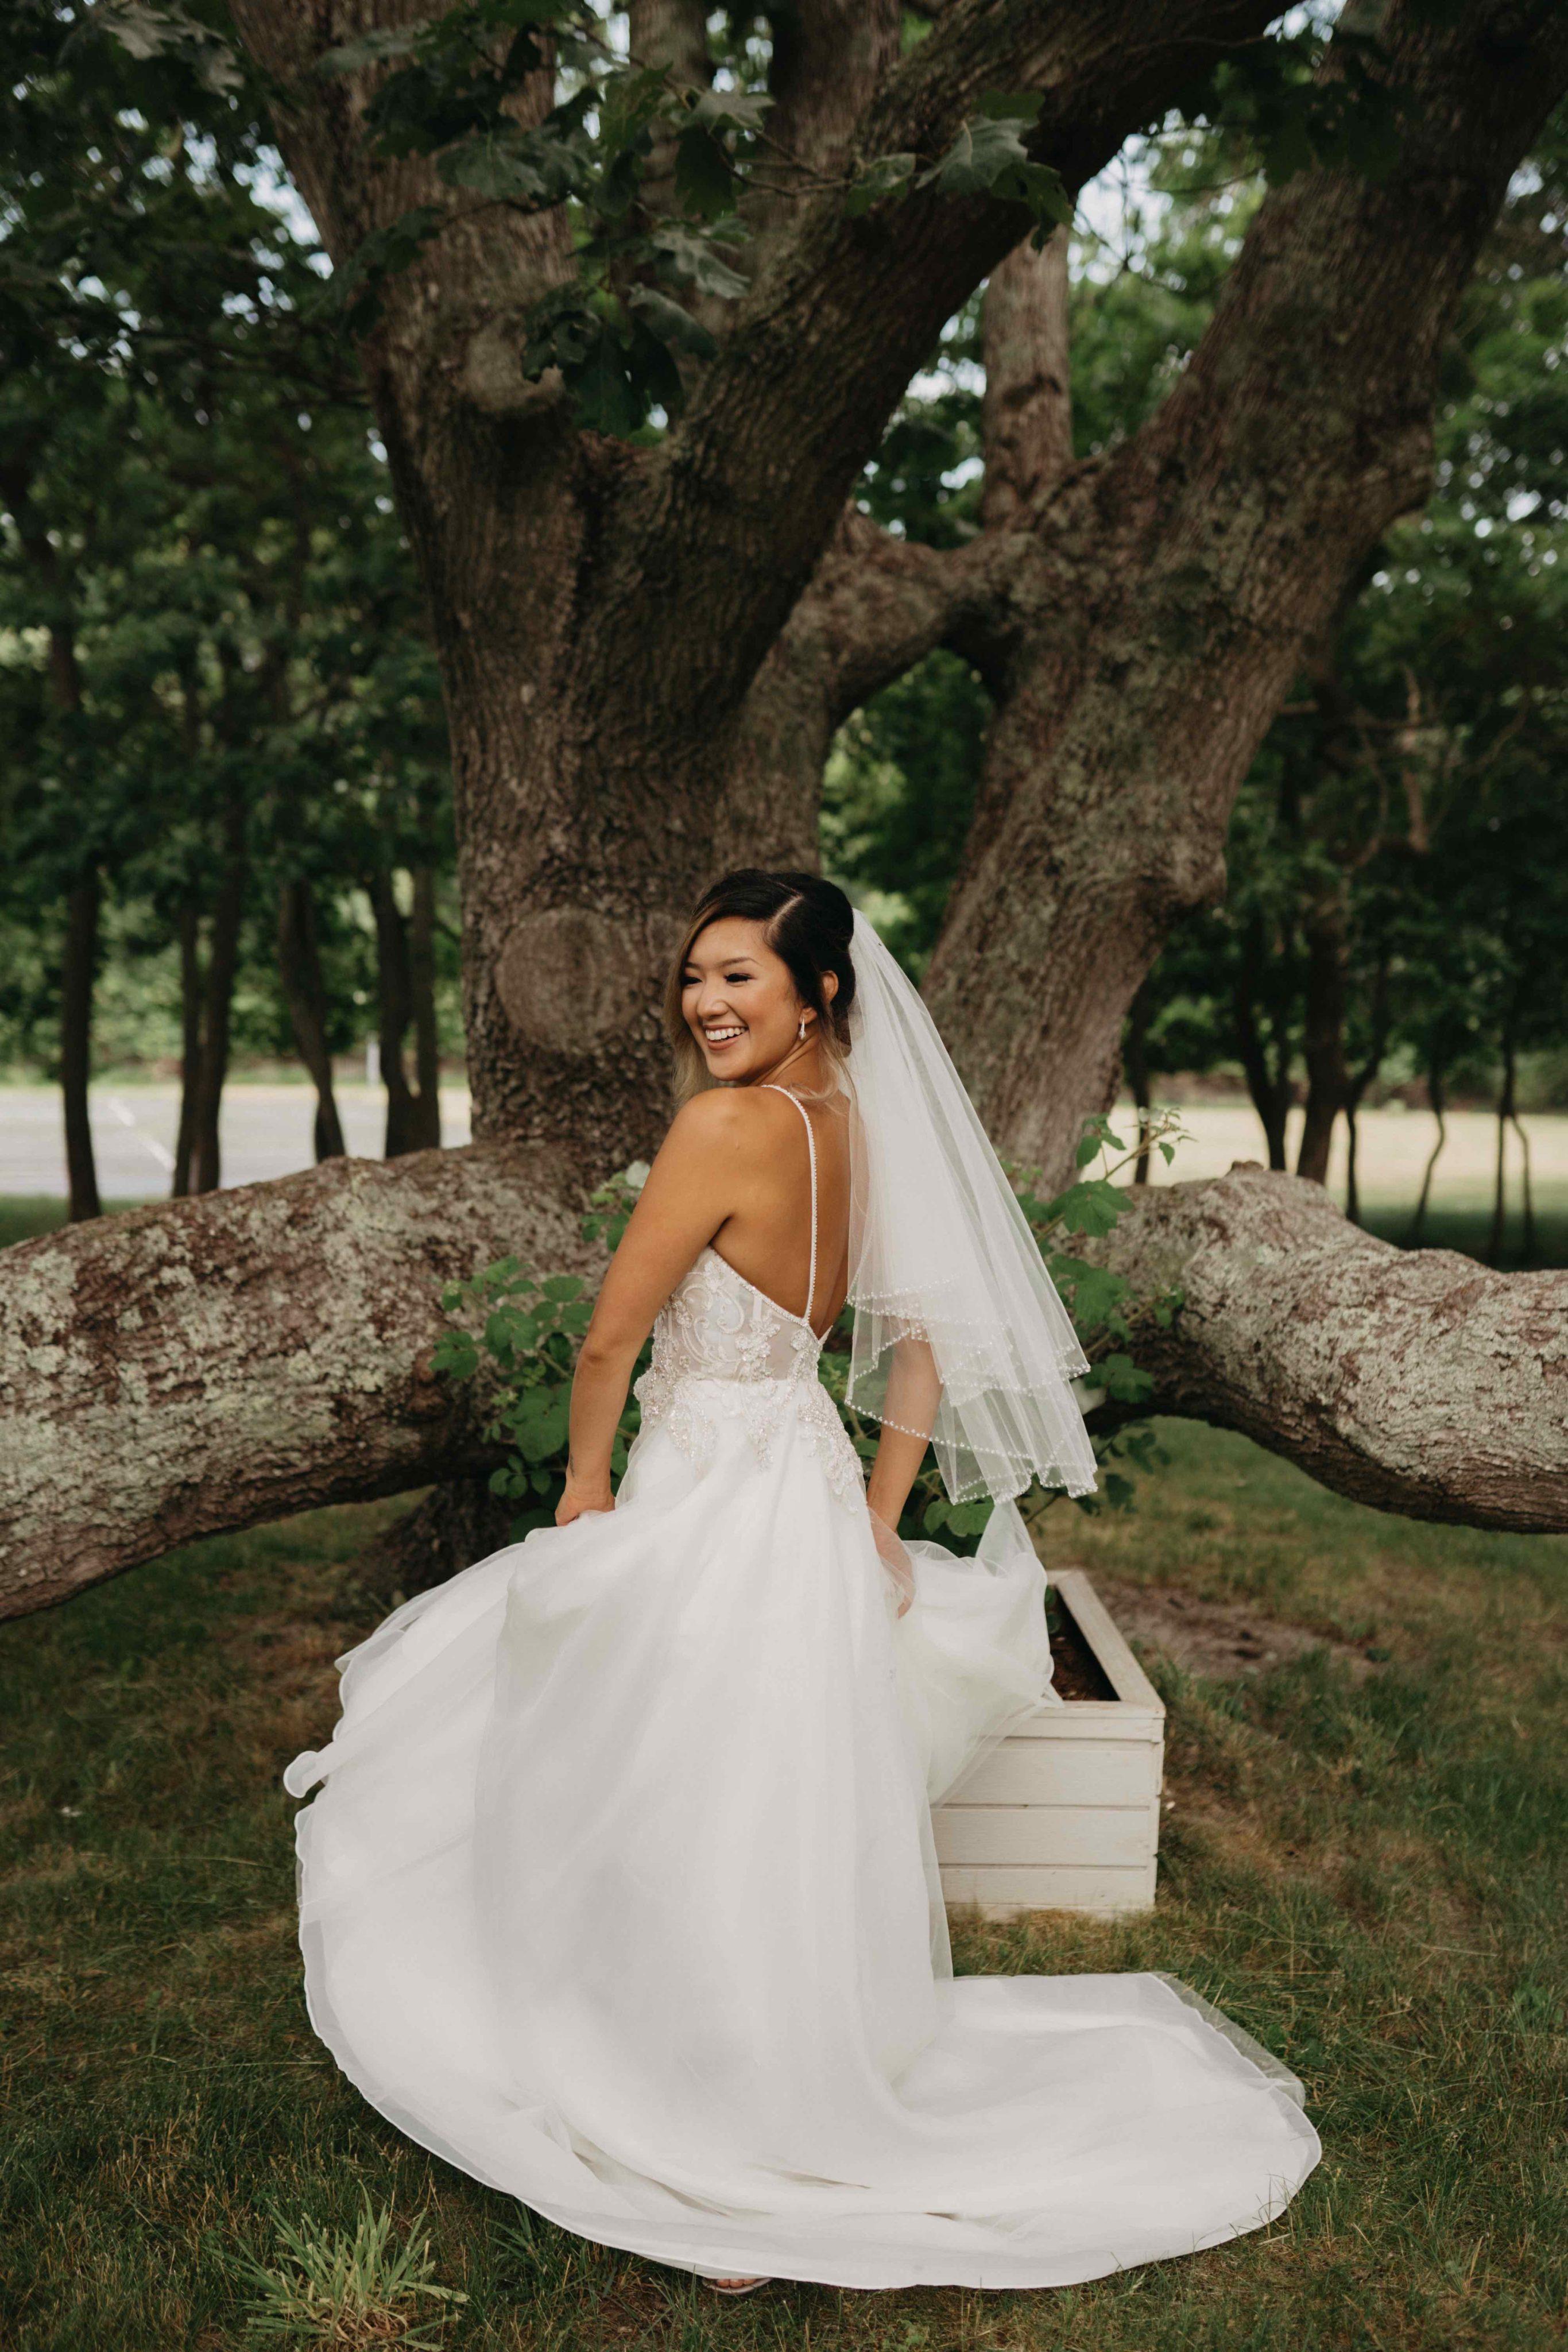 bride twirling in her dress